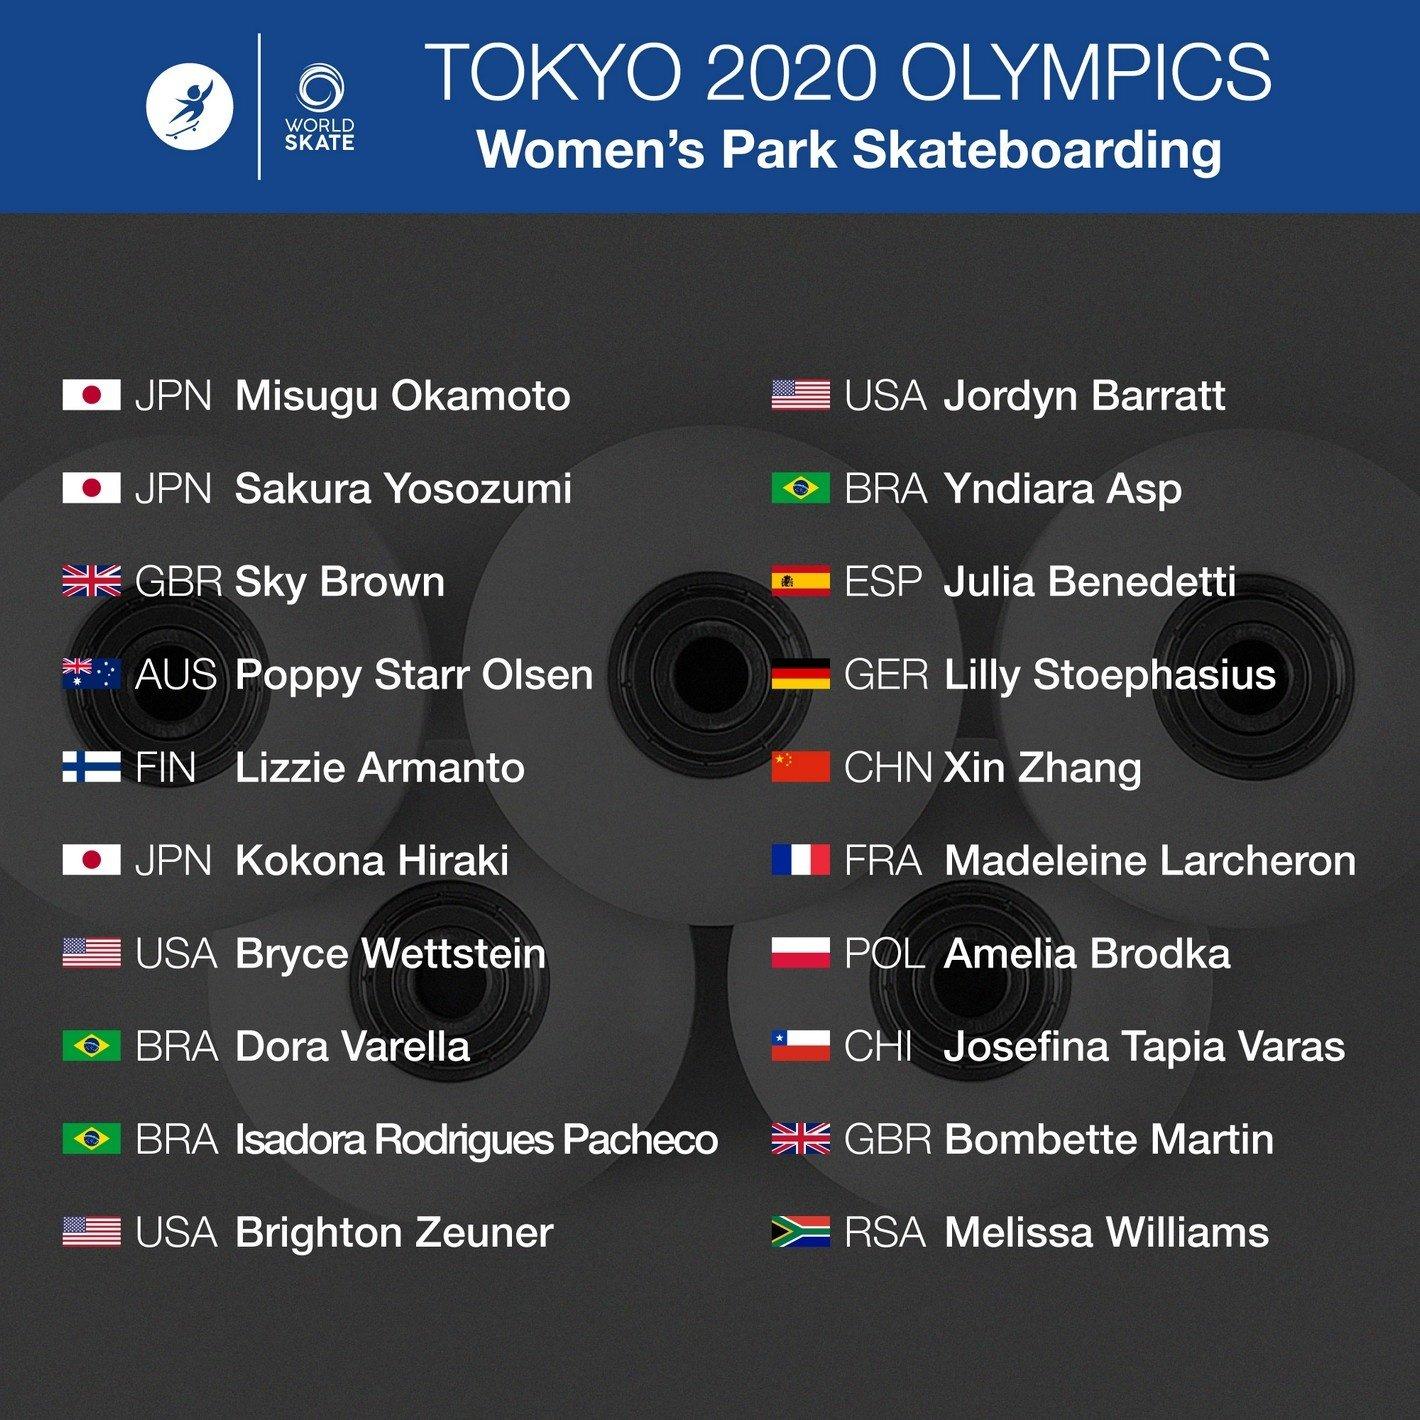 Olympic Skateboarding Women's Park List Of Skaters